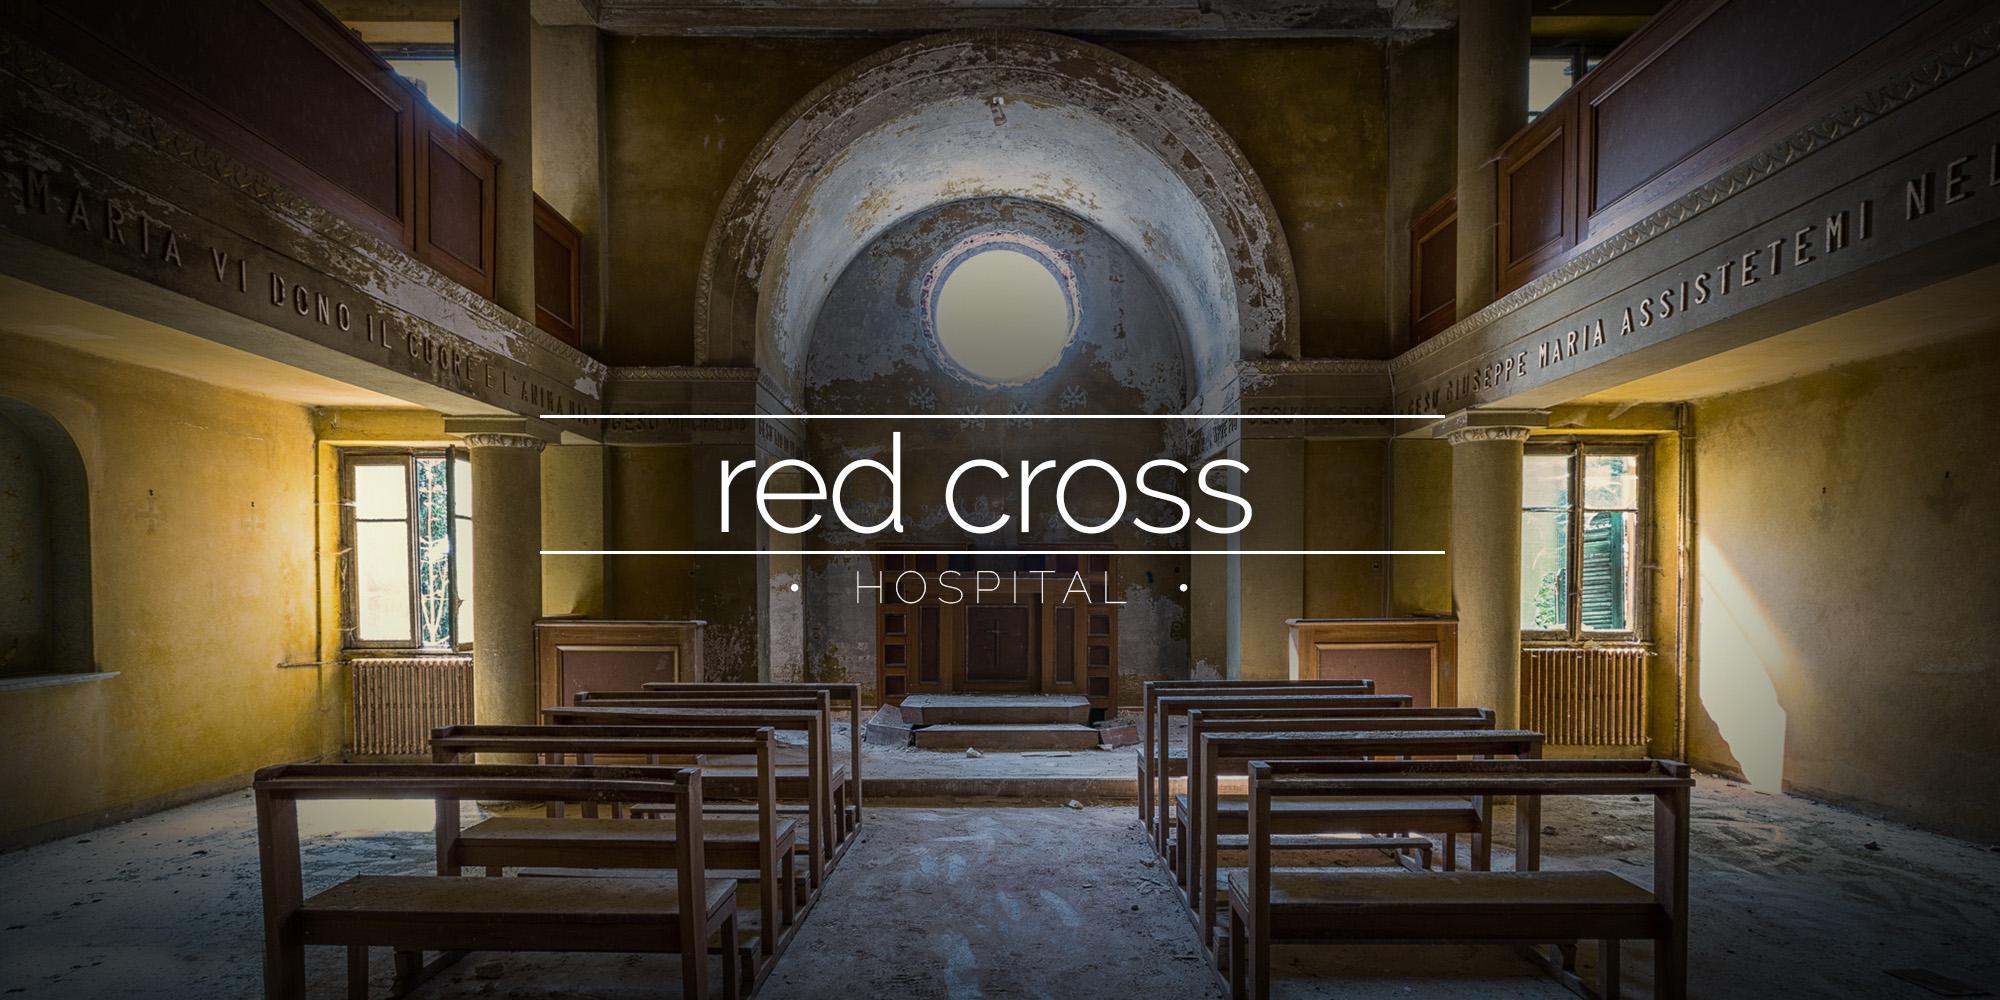 Red Cross Hospital, Italy